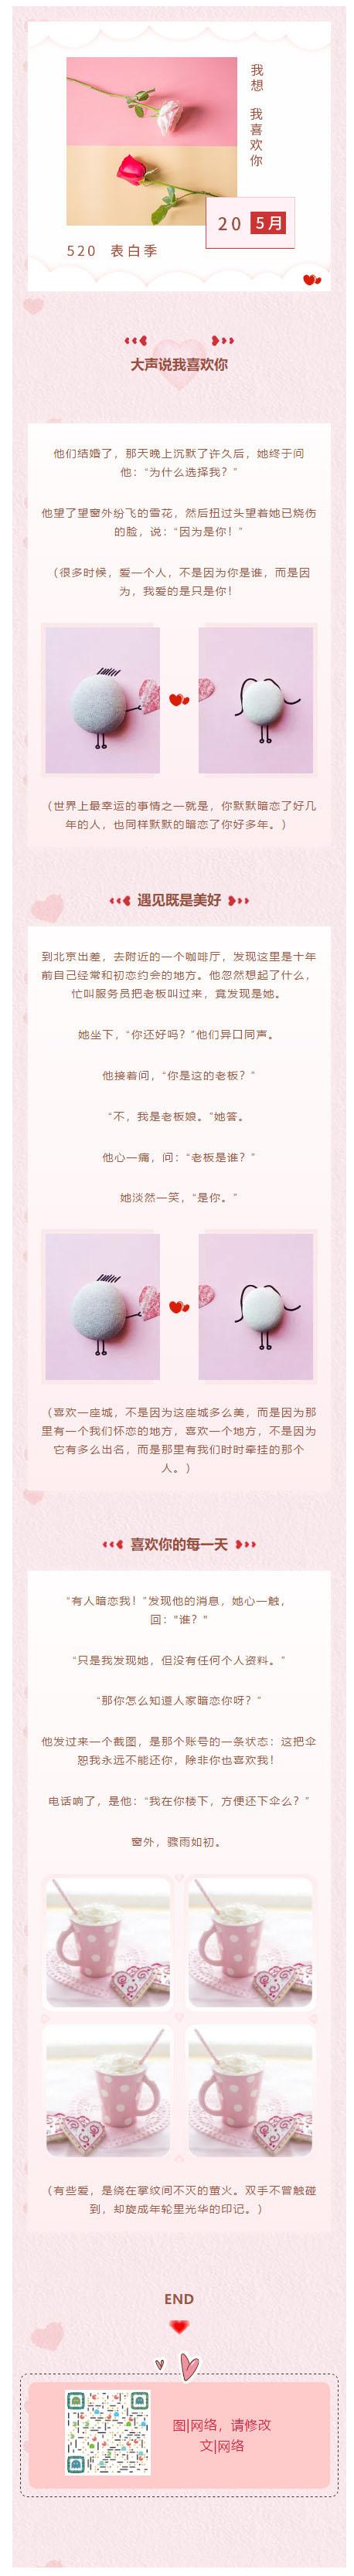 520情人节快乐520浪漫表白粉红色背景图微信模板公众号素材